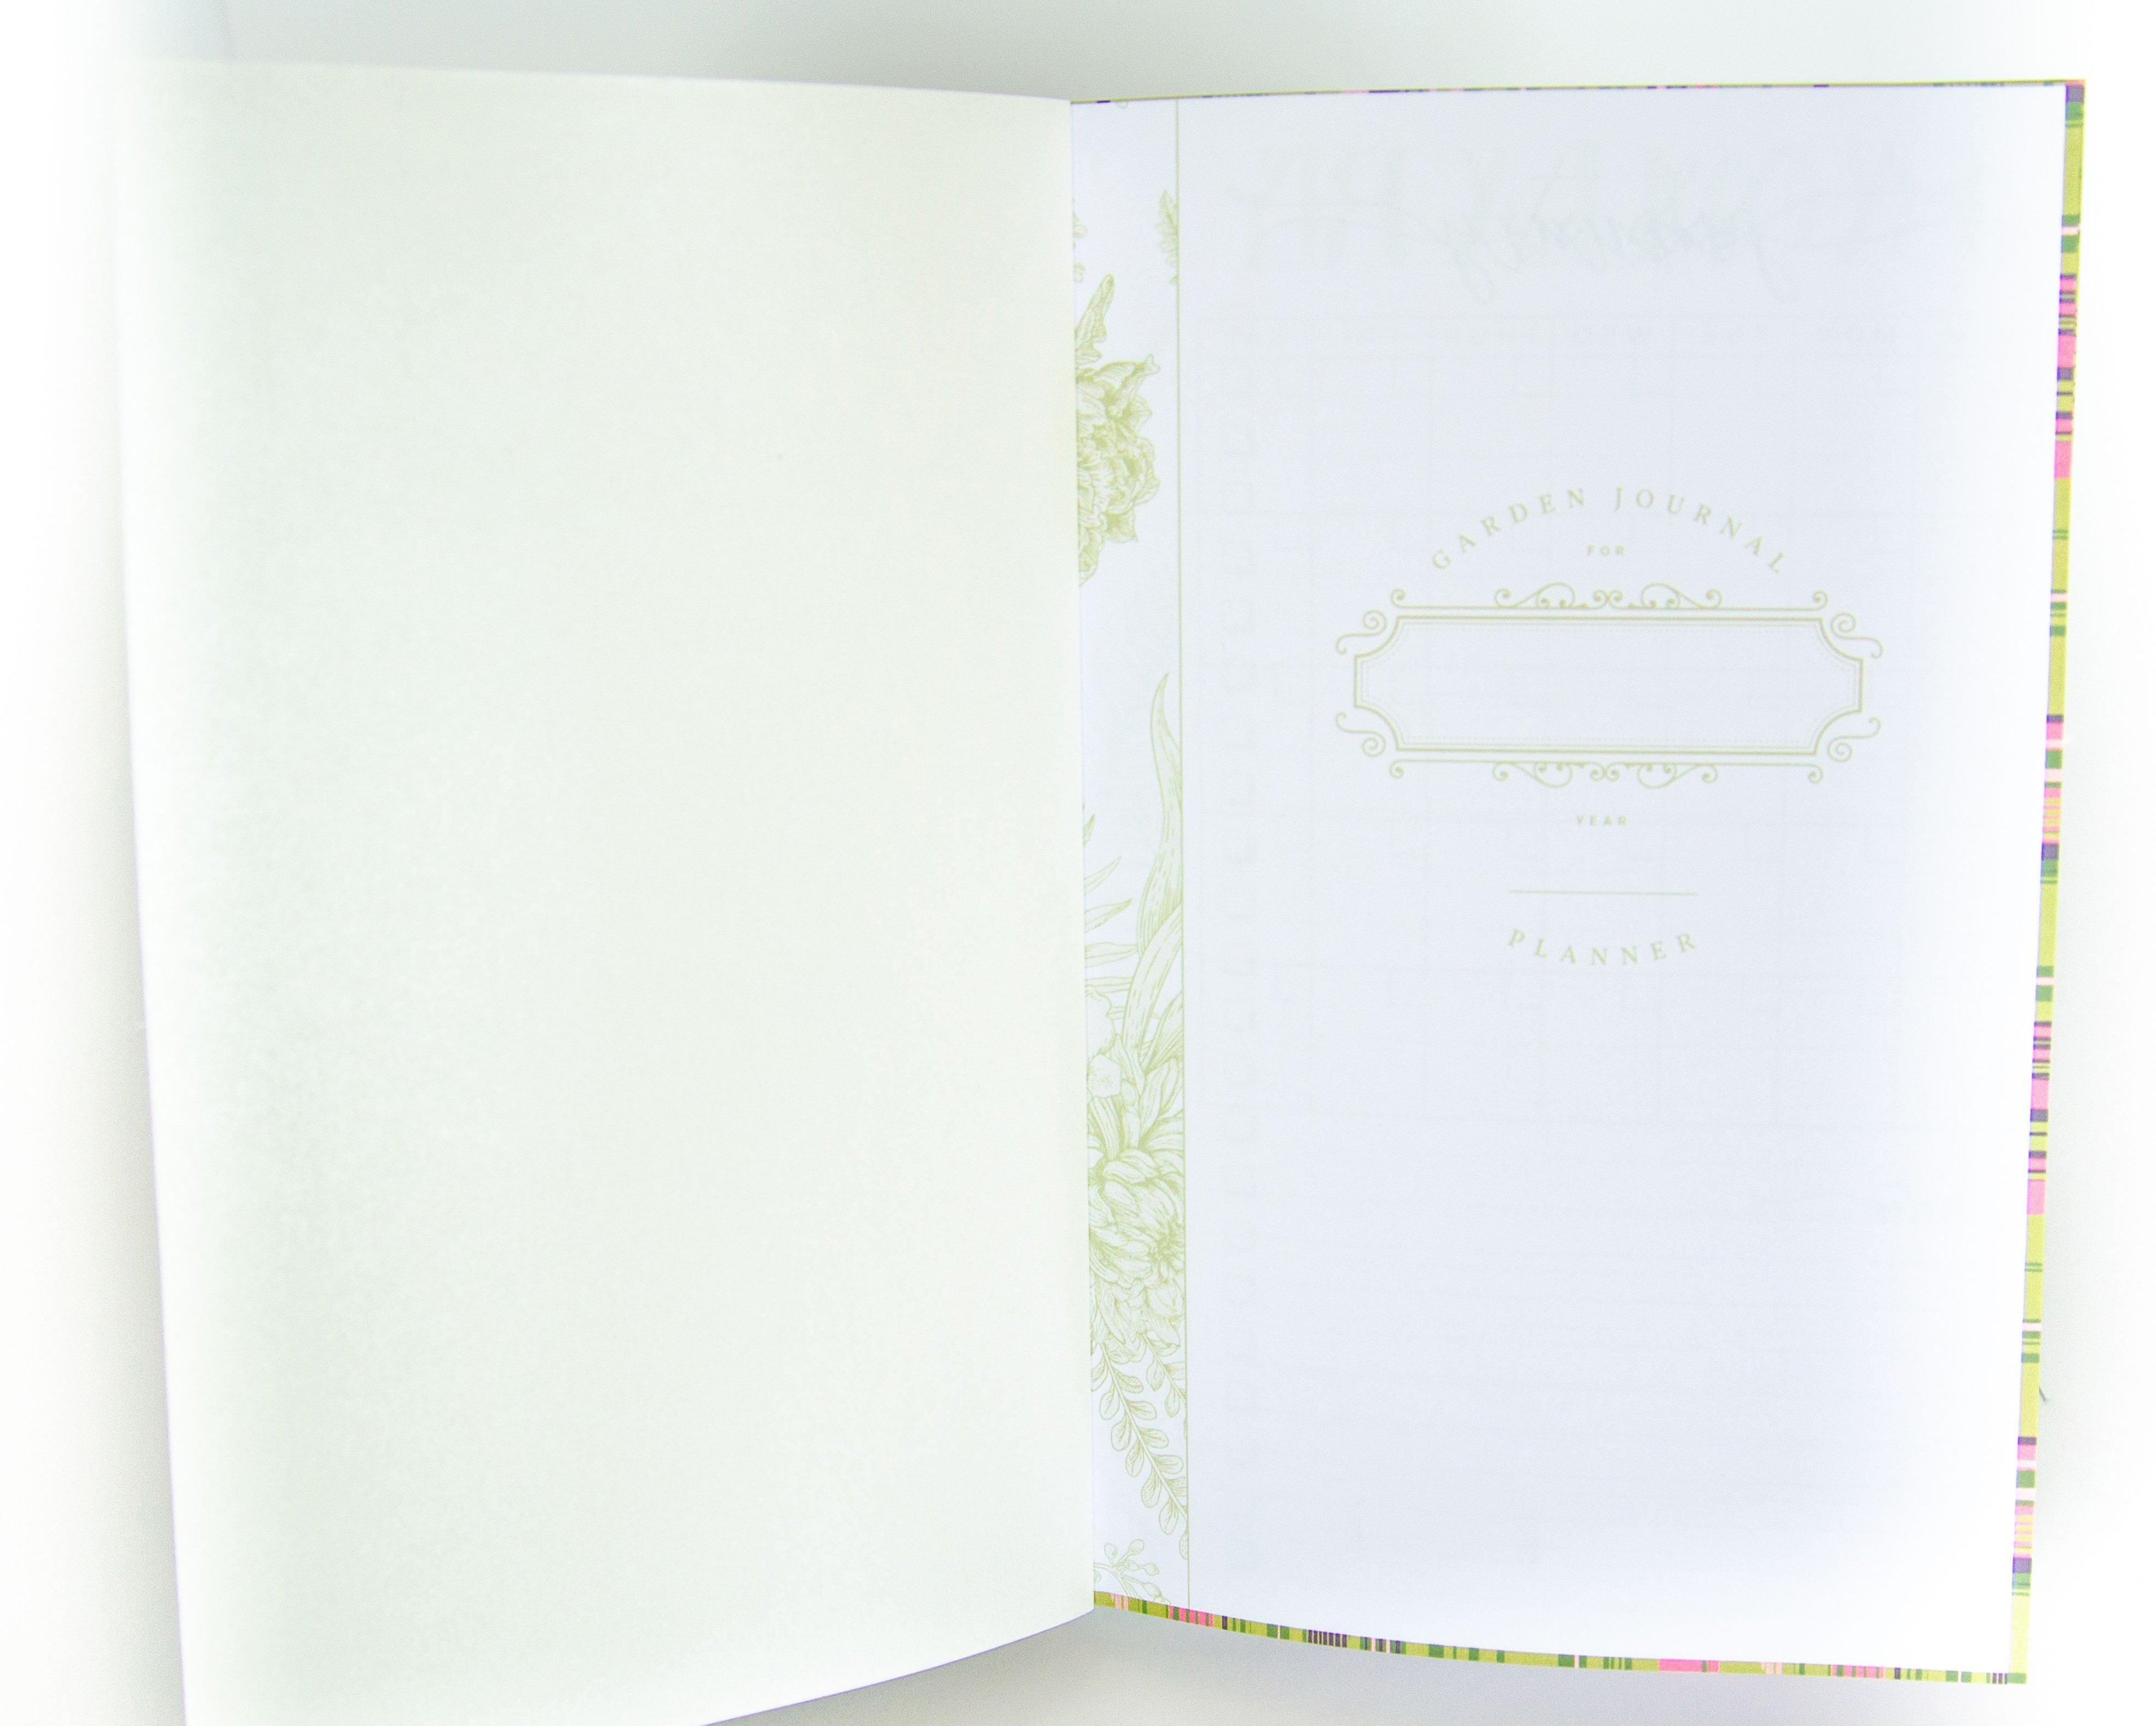 Garden Book - Pg 1